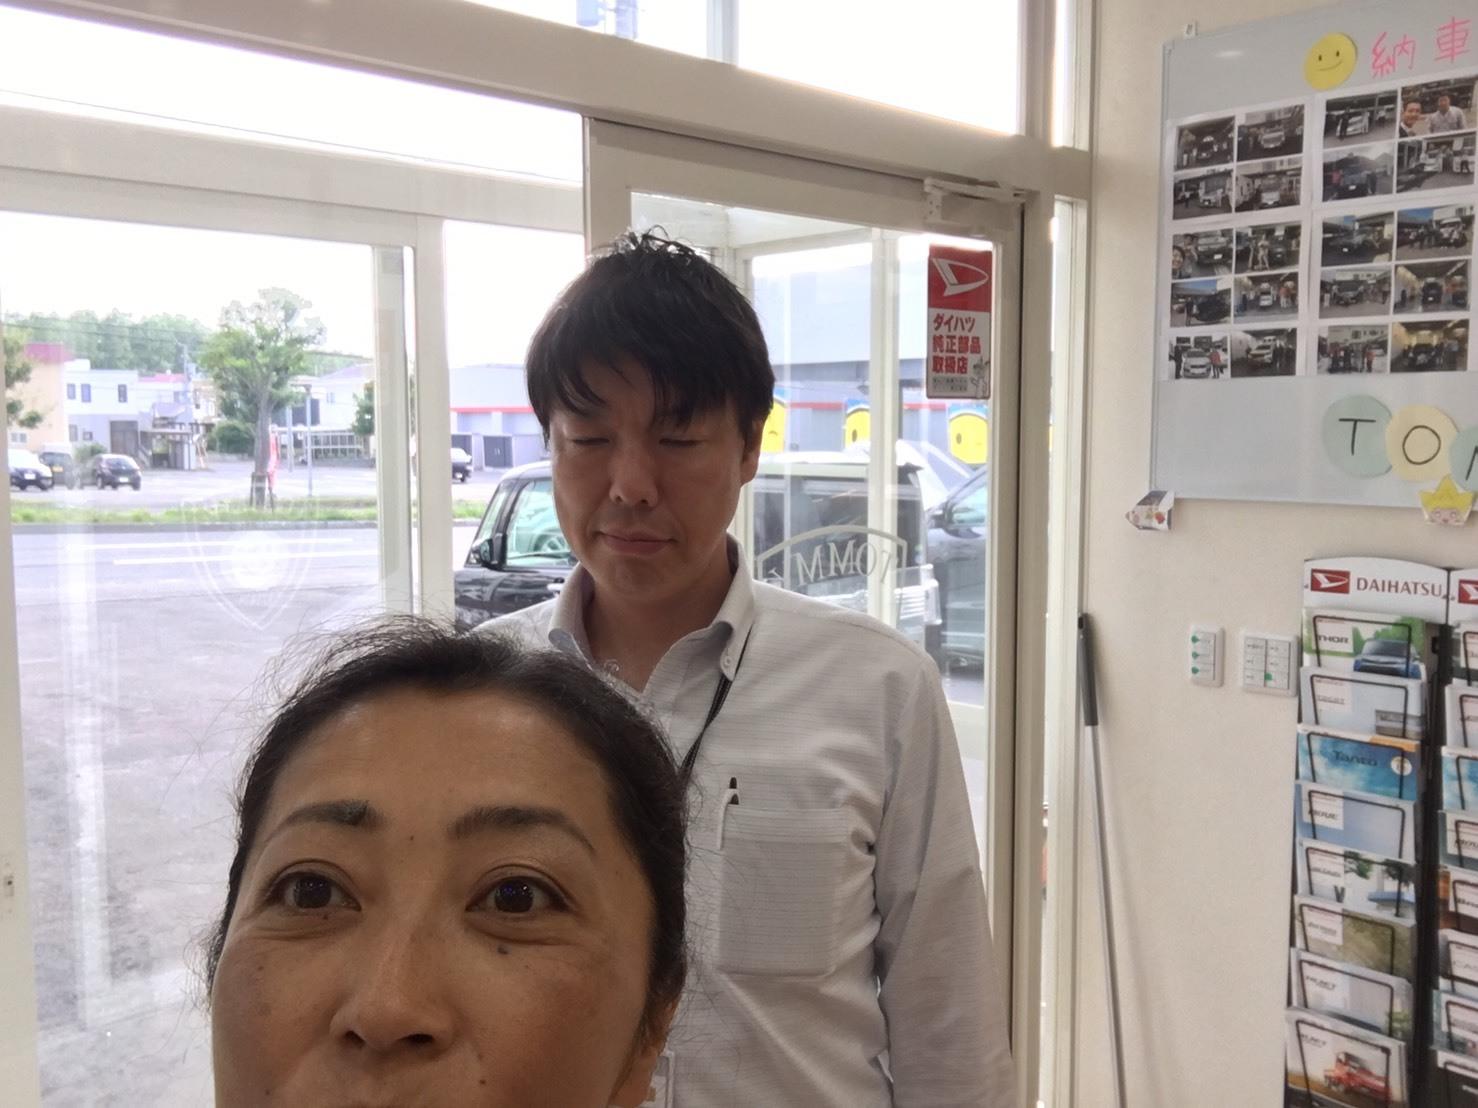 7月17日(水)本店ブログ♪ E250ベンツカブリオレ♪ありますよ!ランクル ハマー アルファード_b0127002_19551646.jpg